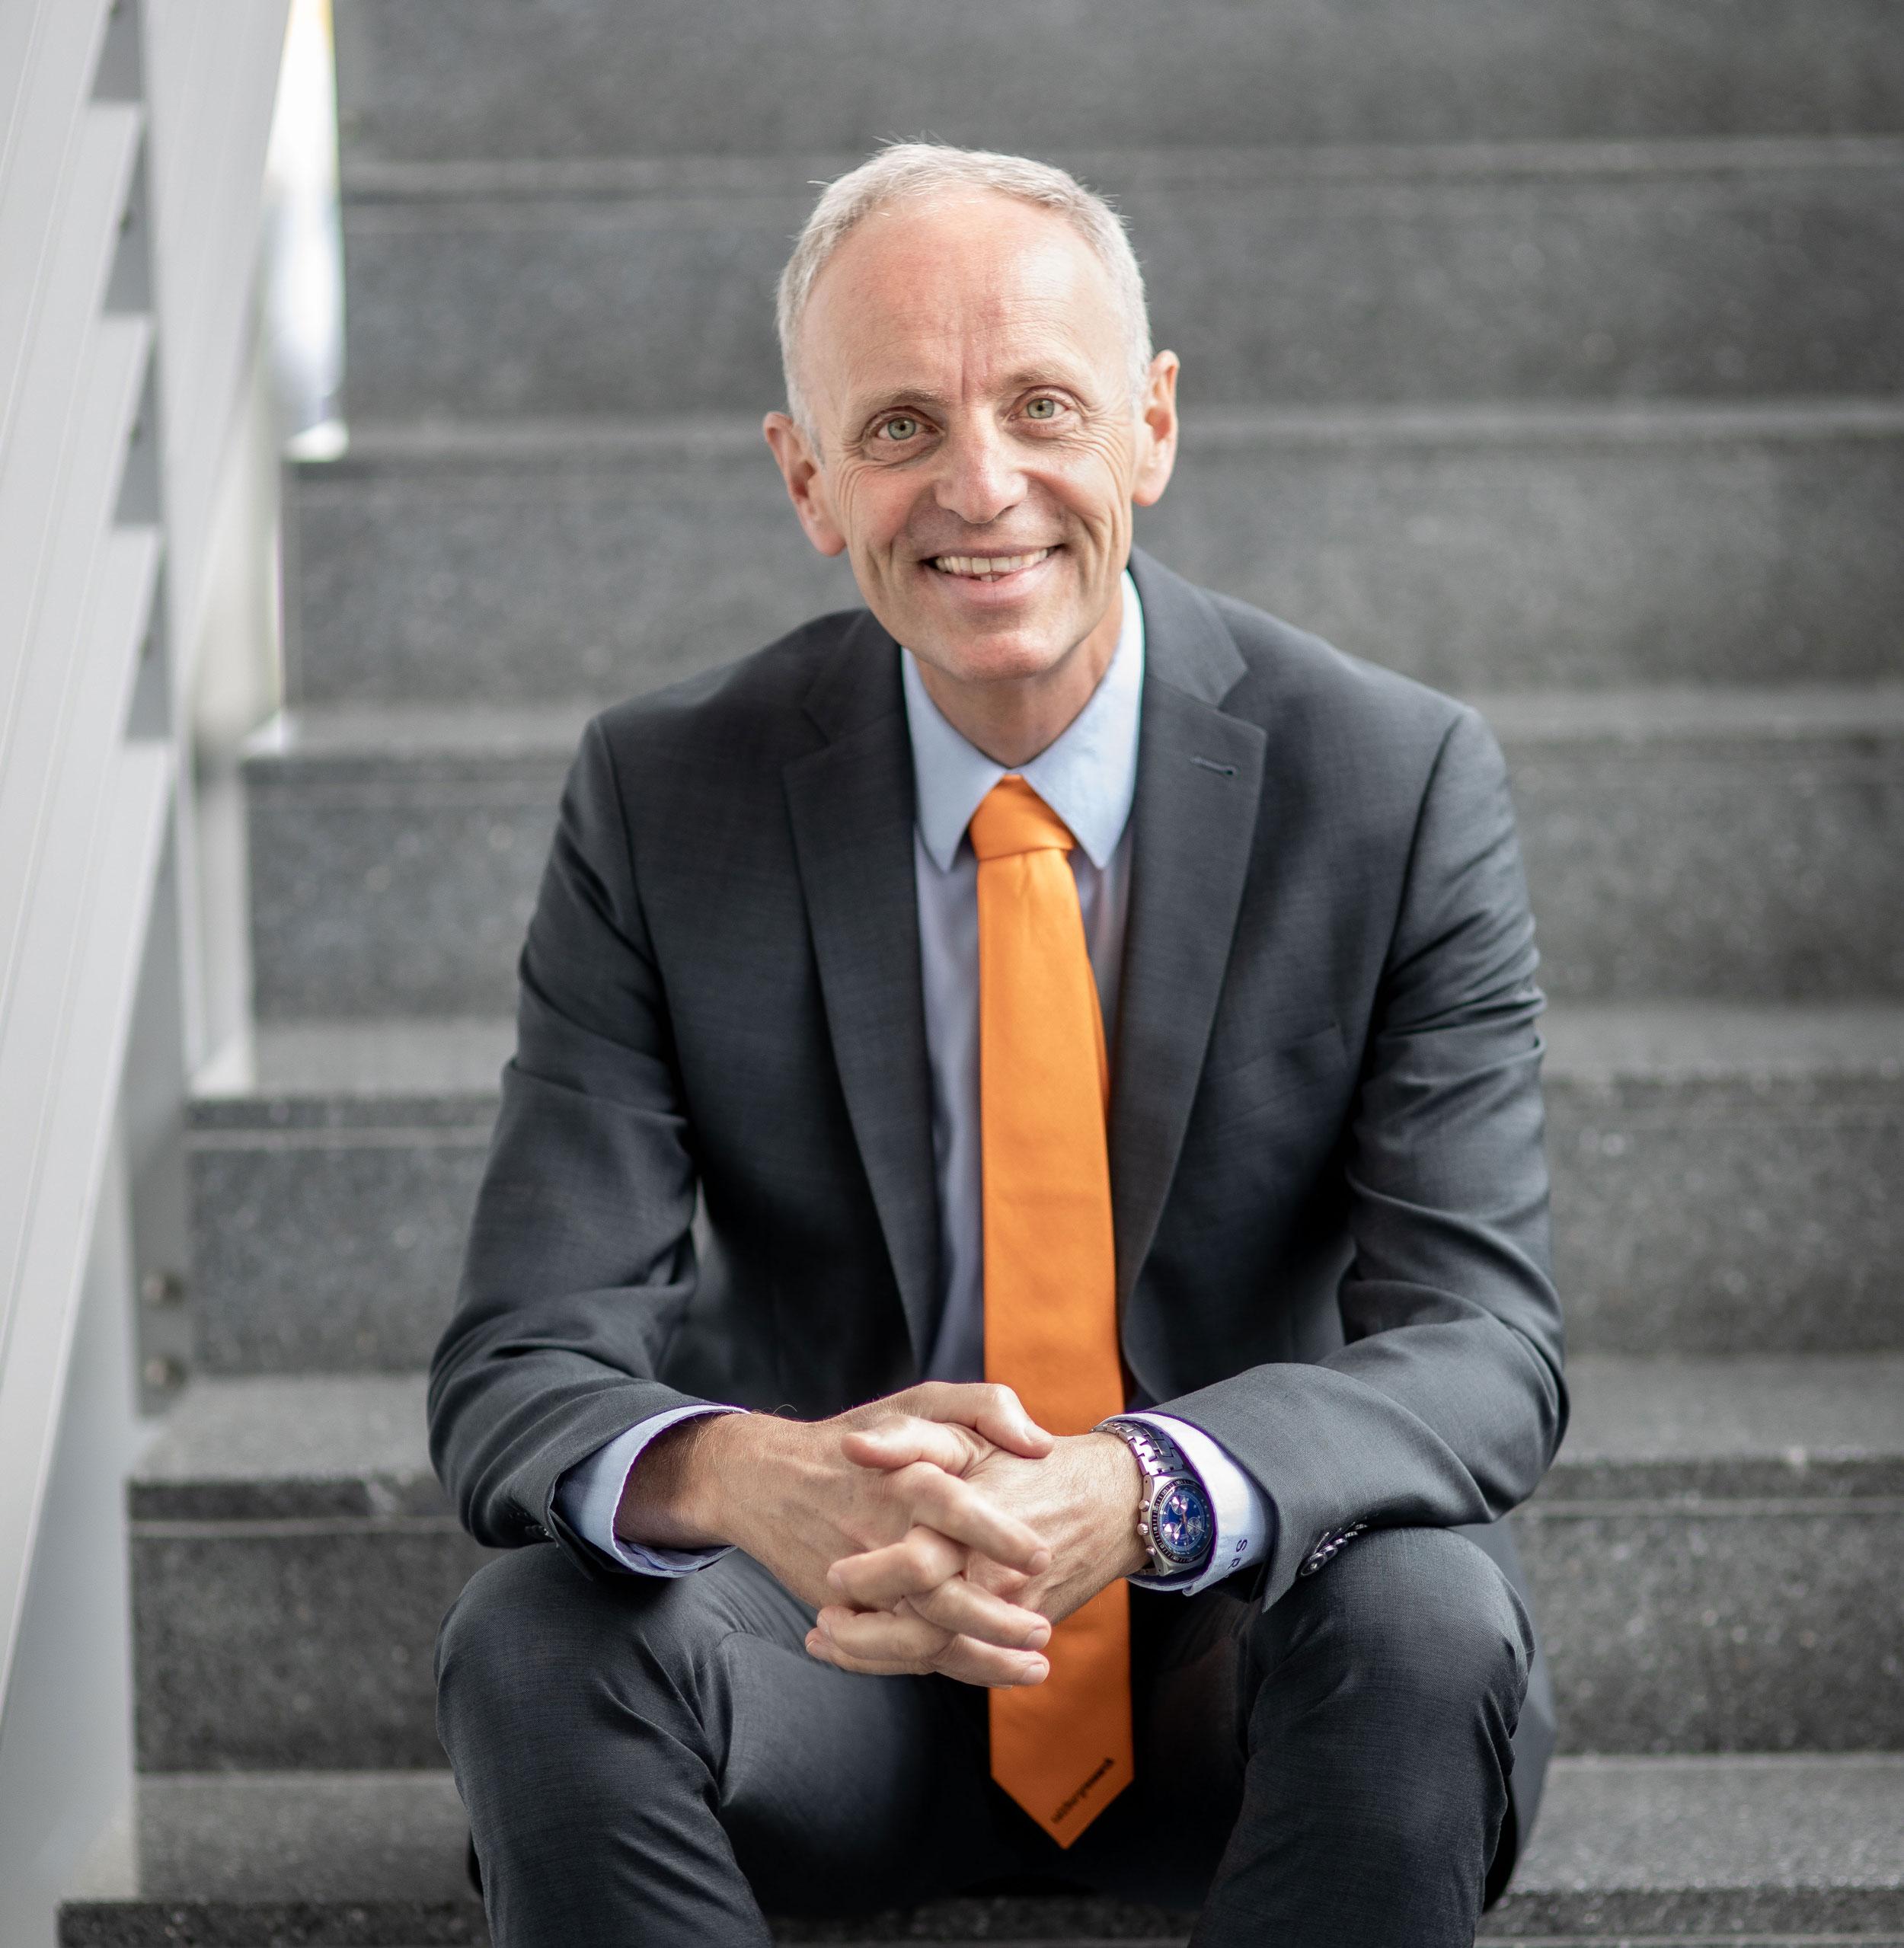 Univ.-Doz. Dr. Siegfried Reich (Geschäftsführer Salzburg Research Forschungsgesellschaft mbH) (c)wildbild